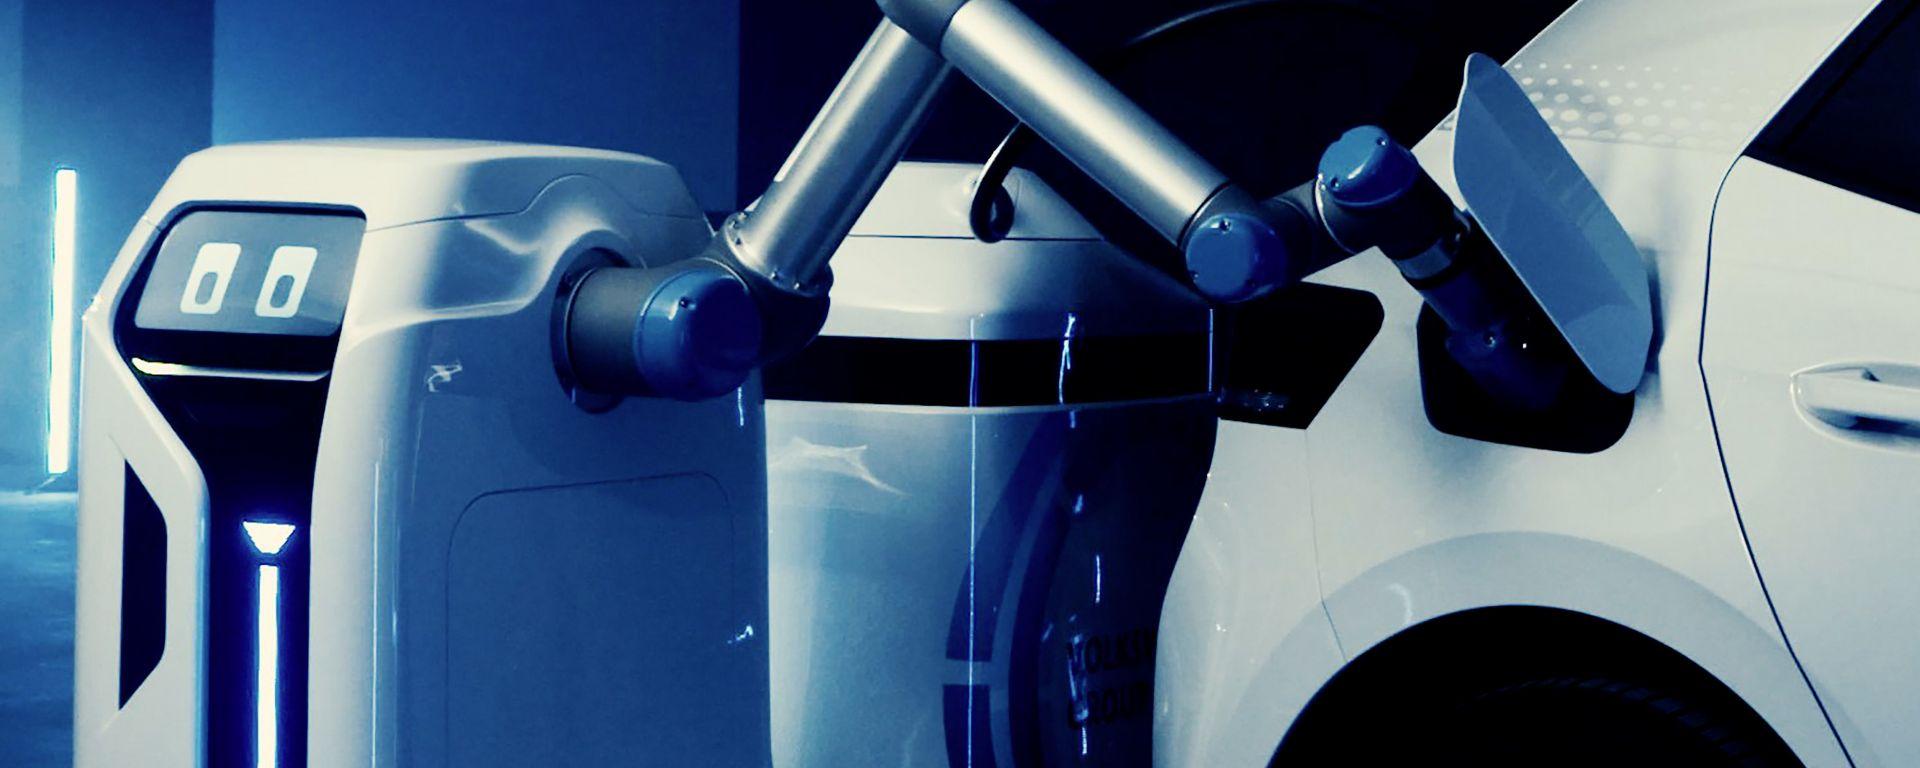 Volkswagen, il caricabatterie robot sarà presto realtà